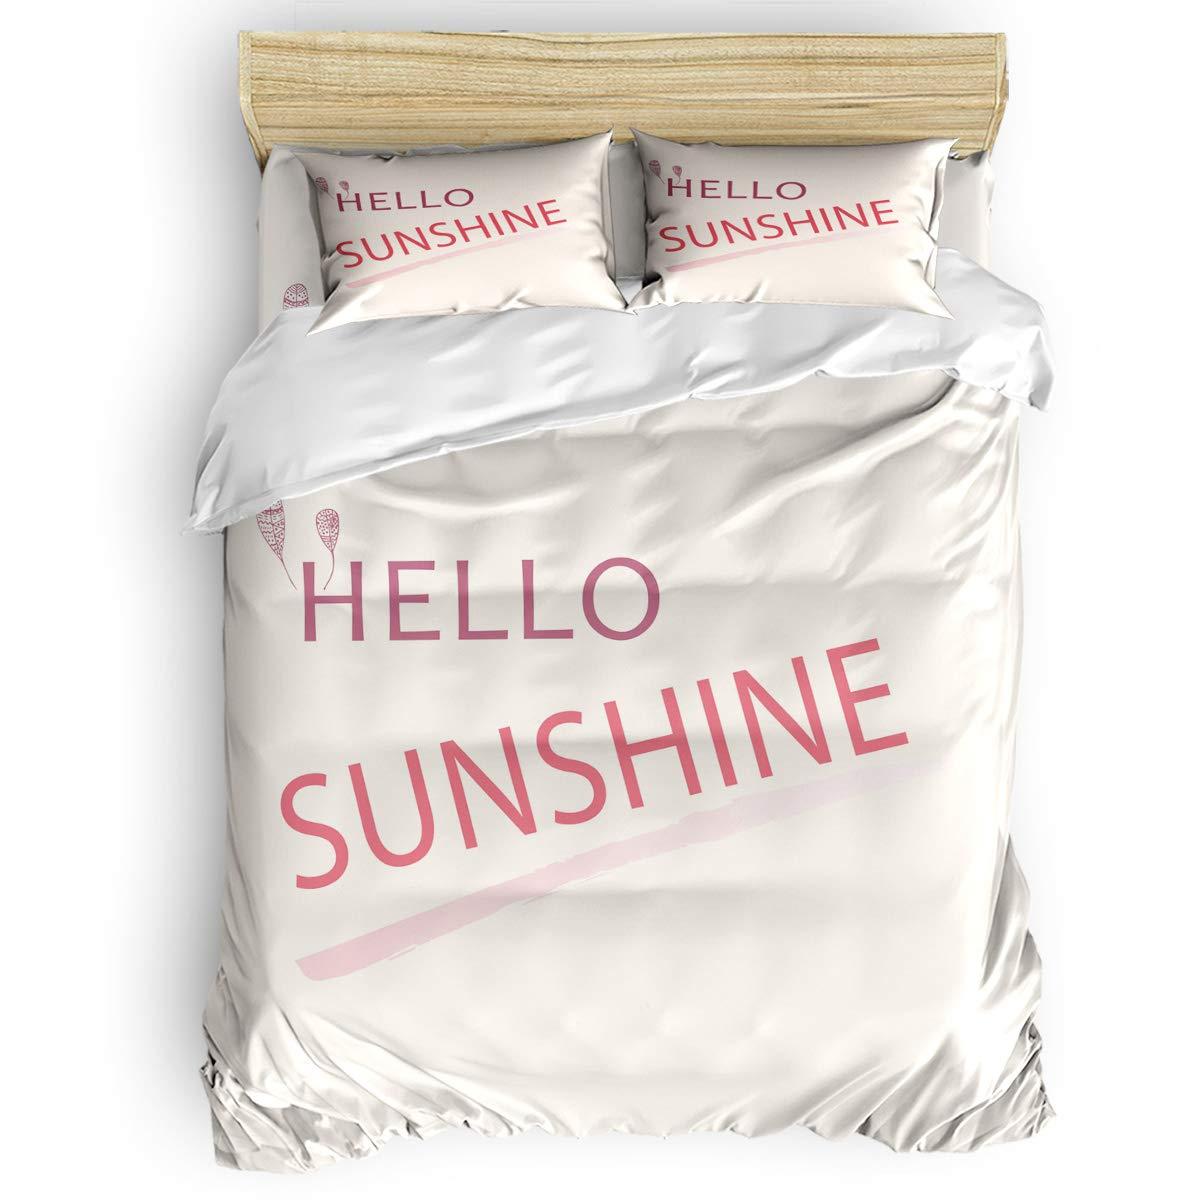 Monroda 寝具 掛け布団カバーセット 4ピース 子供 大人 寝具セット ジッパー開閉 クラシックな大理石の質感 フルサイズ 1111111ZXH-20190212SLEO02765SJTBMOA B07P1RM8B6 Hello35moa7670 フルサイズ